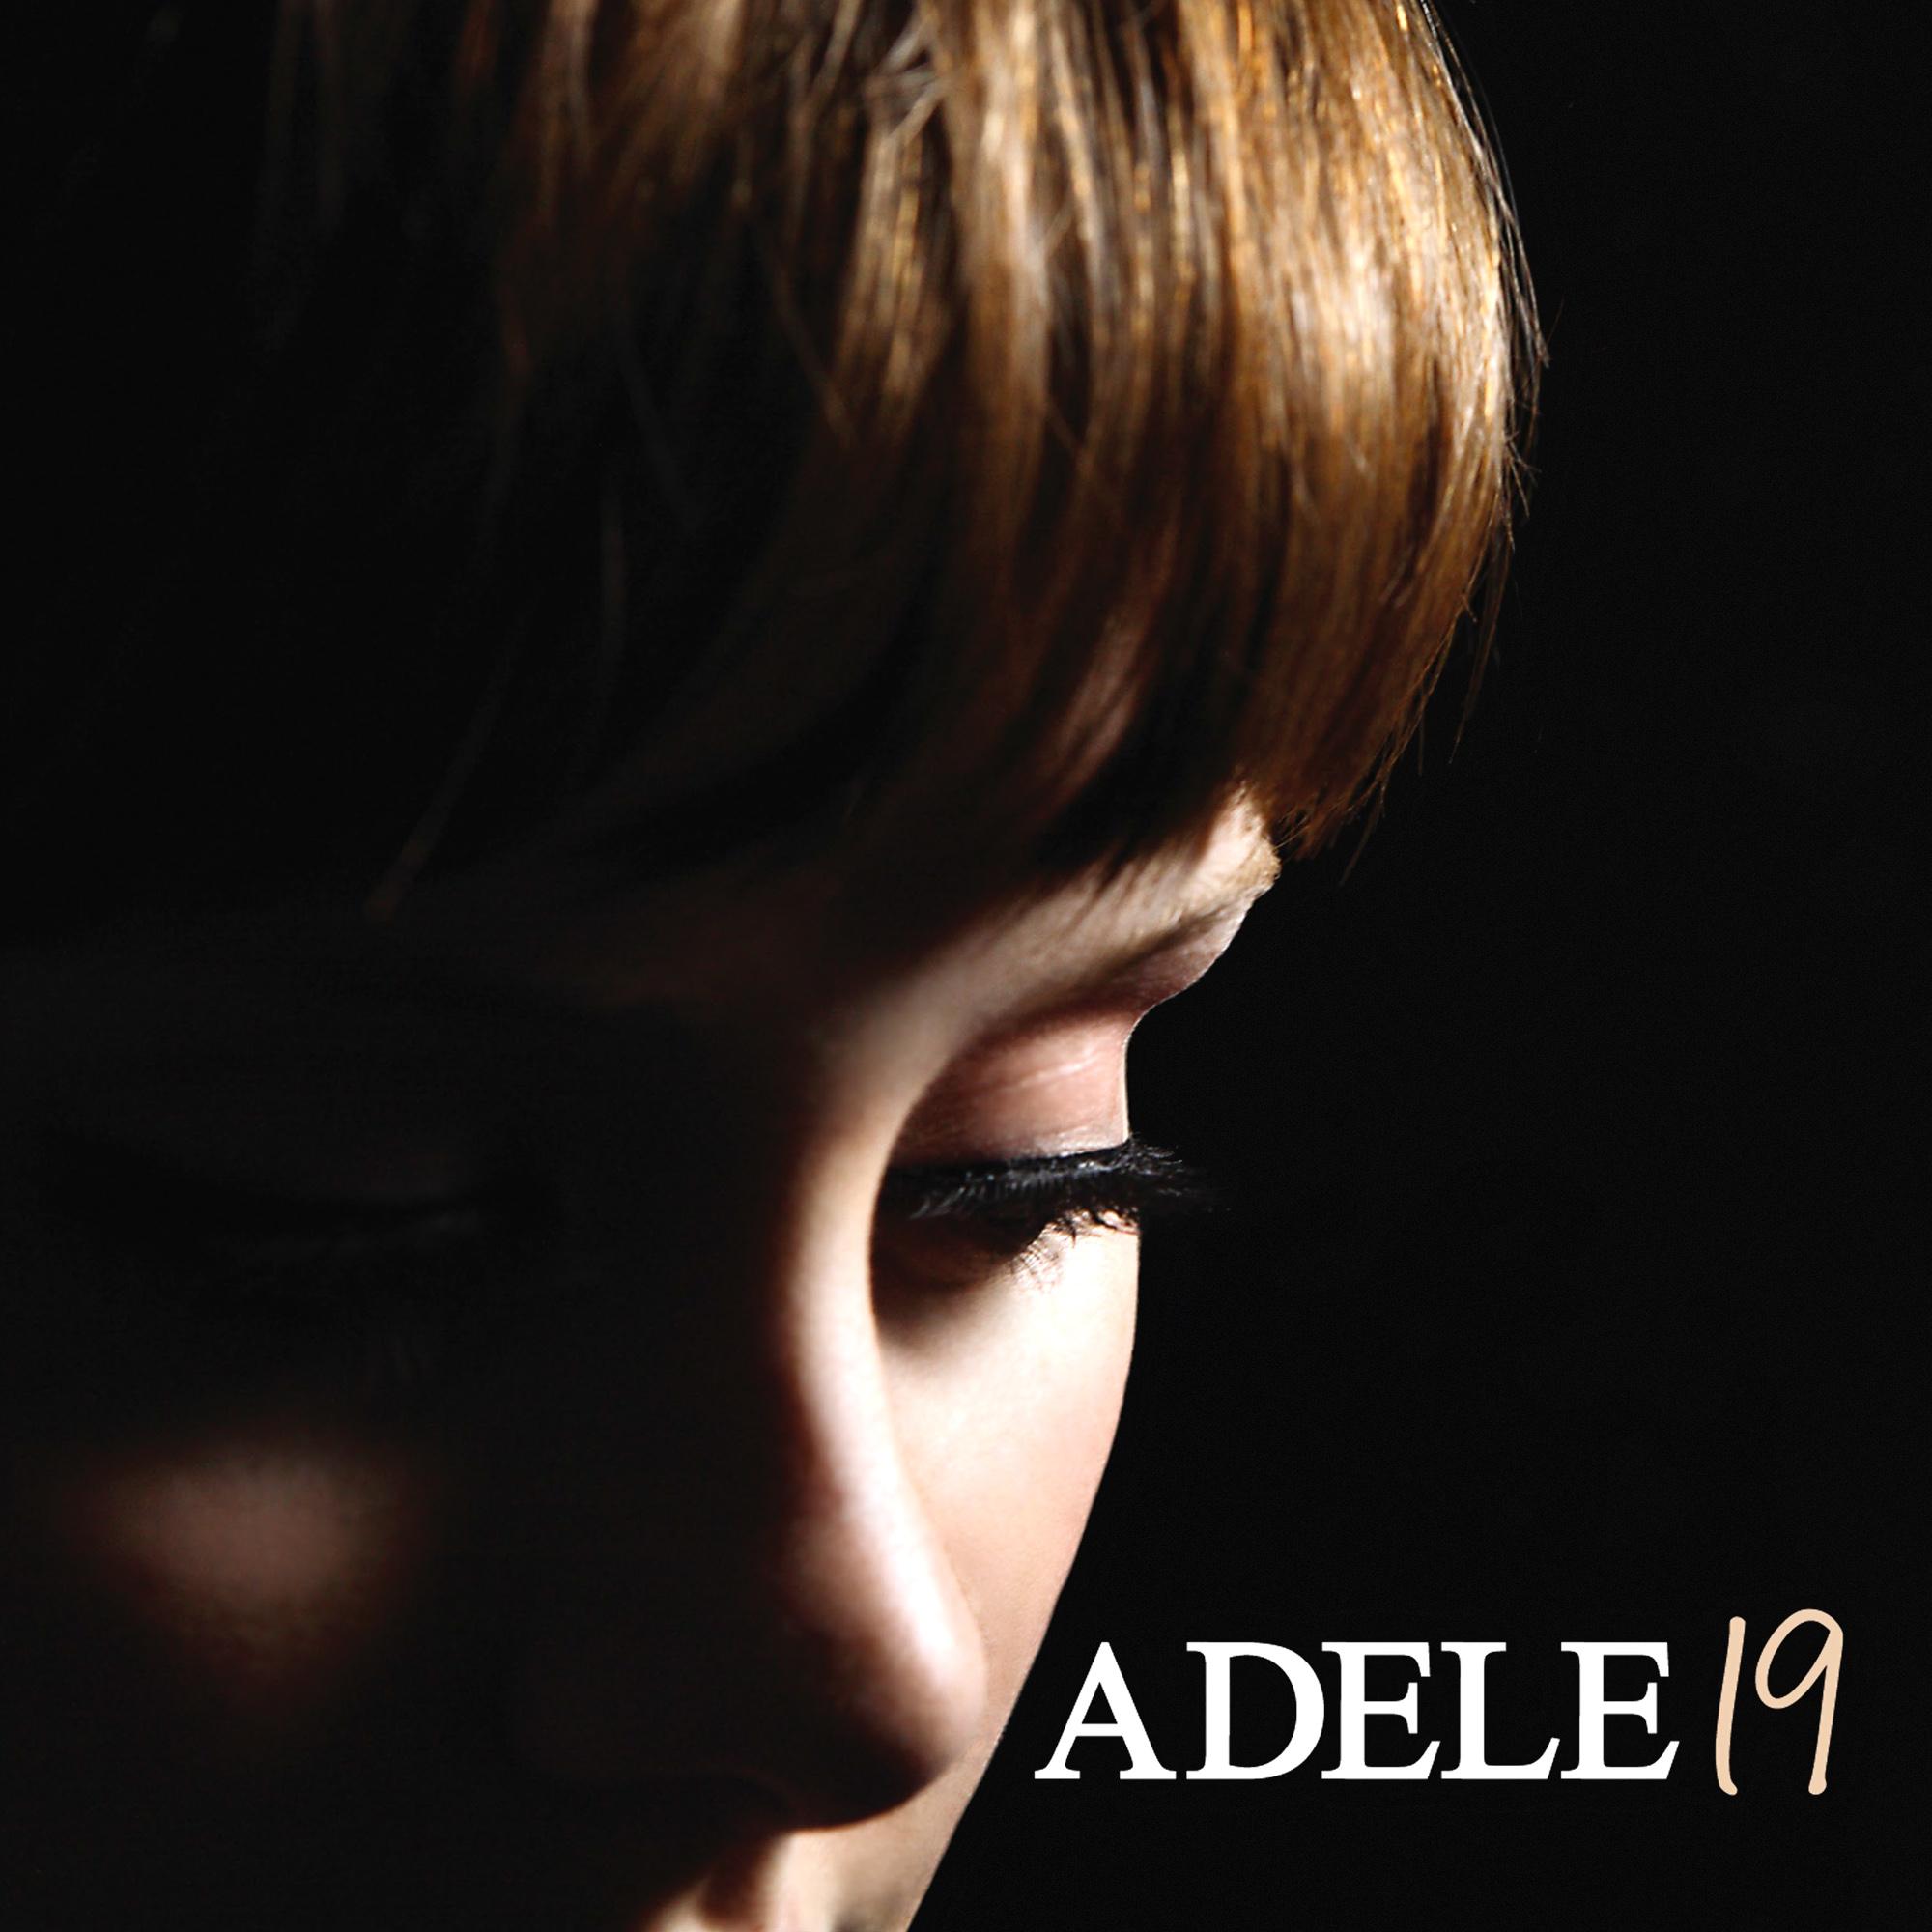 Album Artist: Adele / Album Title: 19